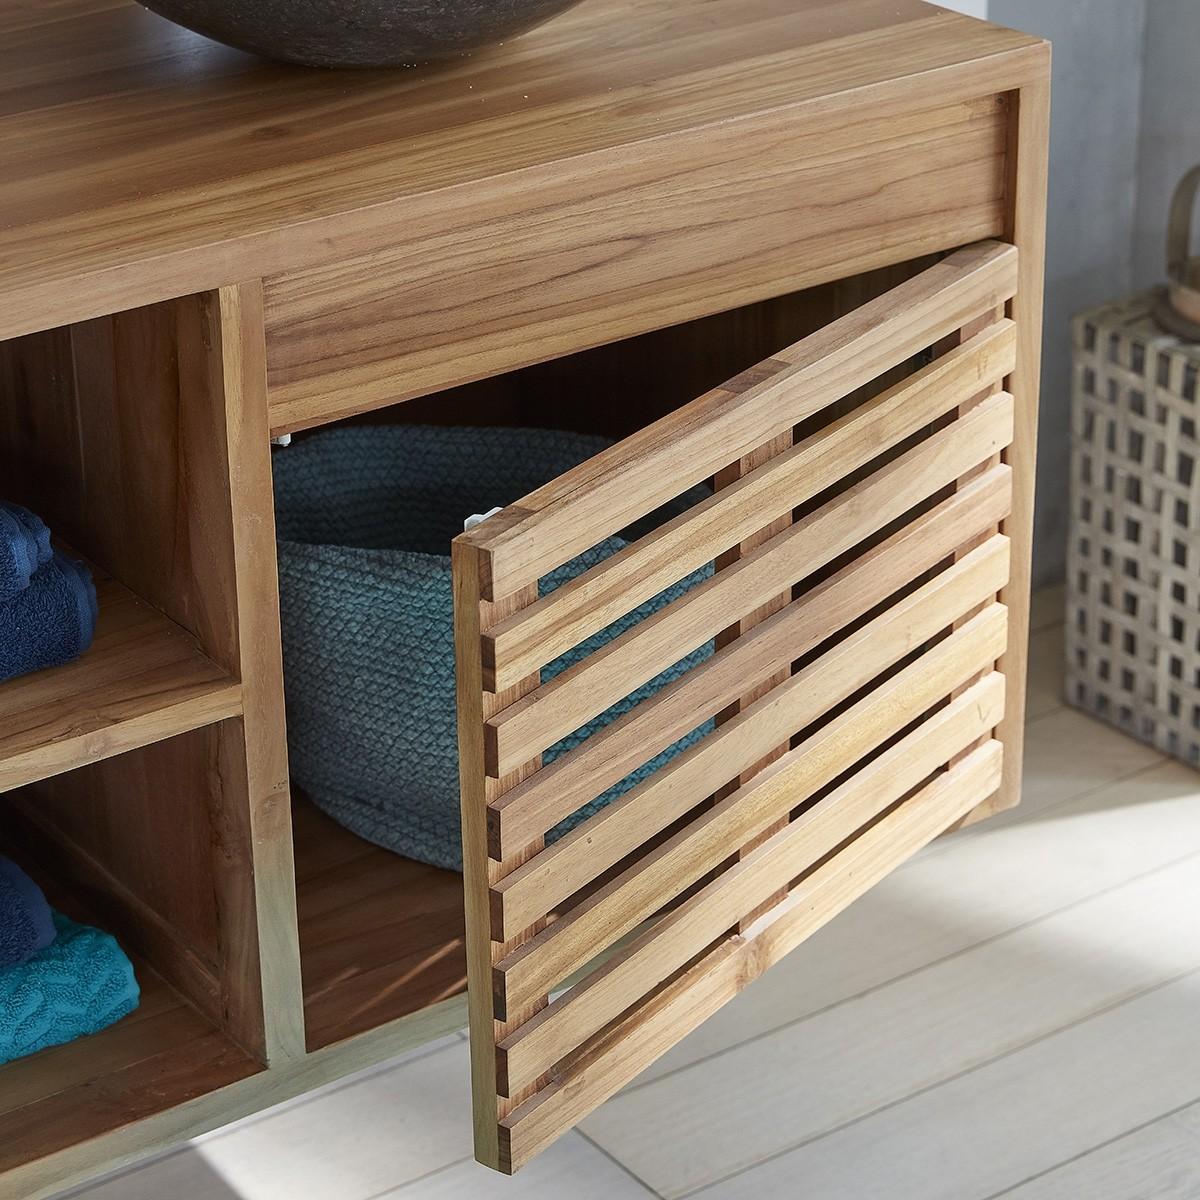 Ensemble salle de bain en bois de teck suspendu 160 vasques miroir bois dessus bois dessous - Miroir teck salle de bain ...